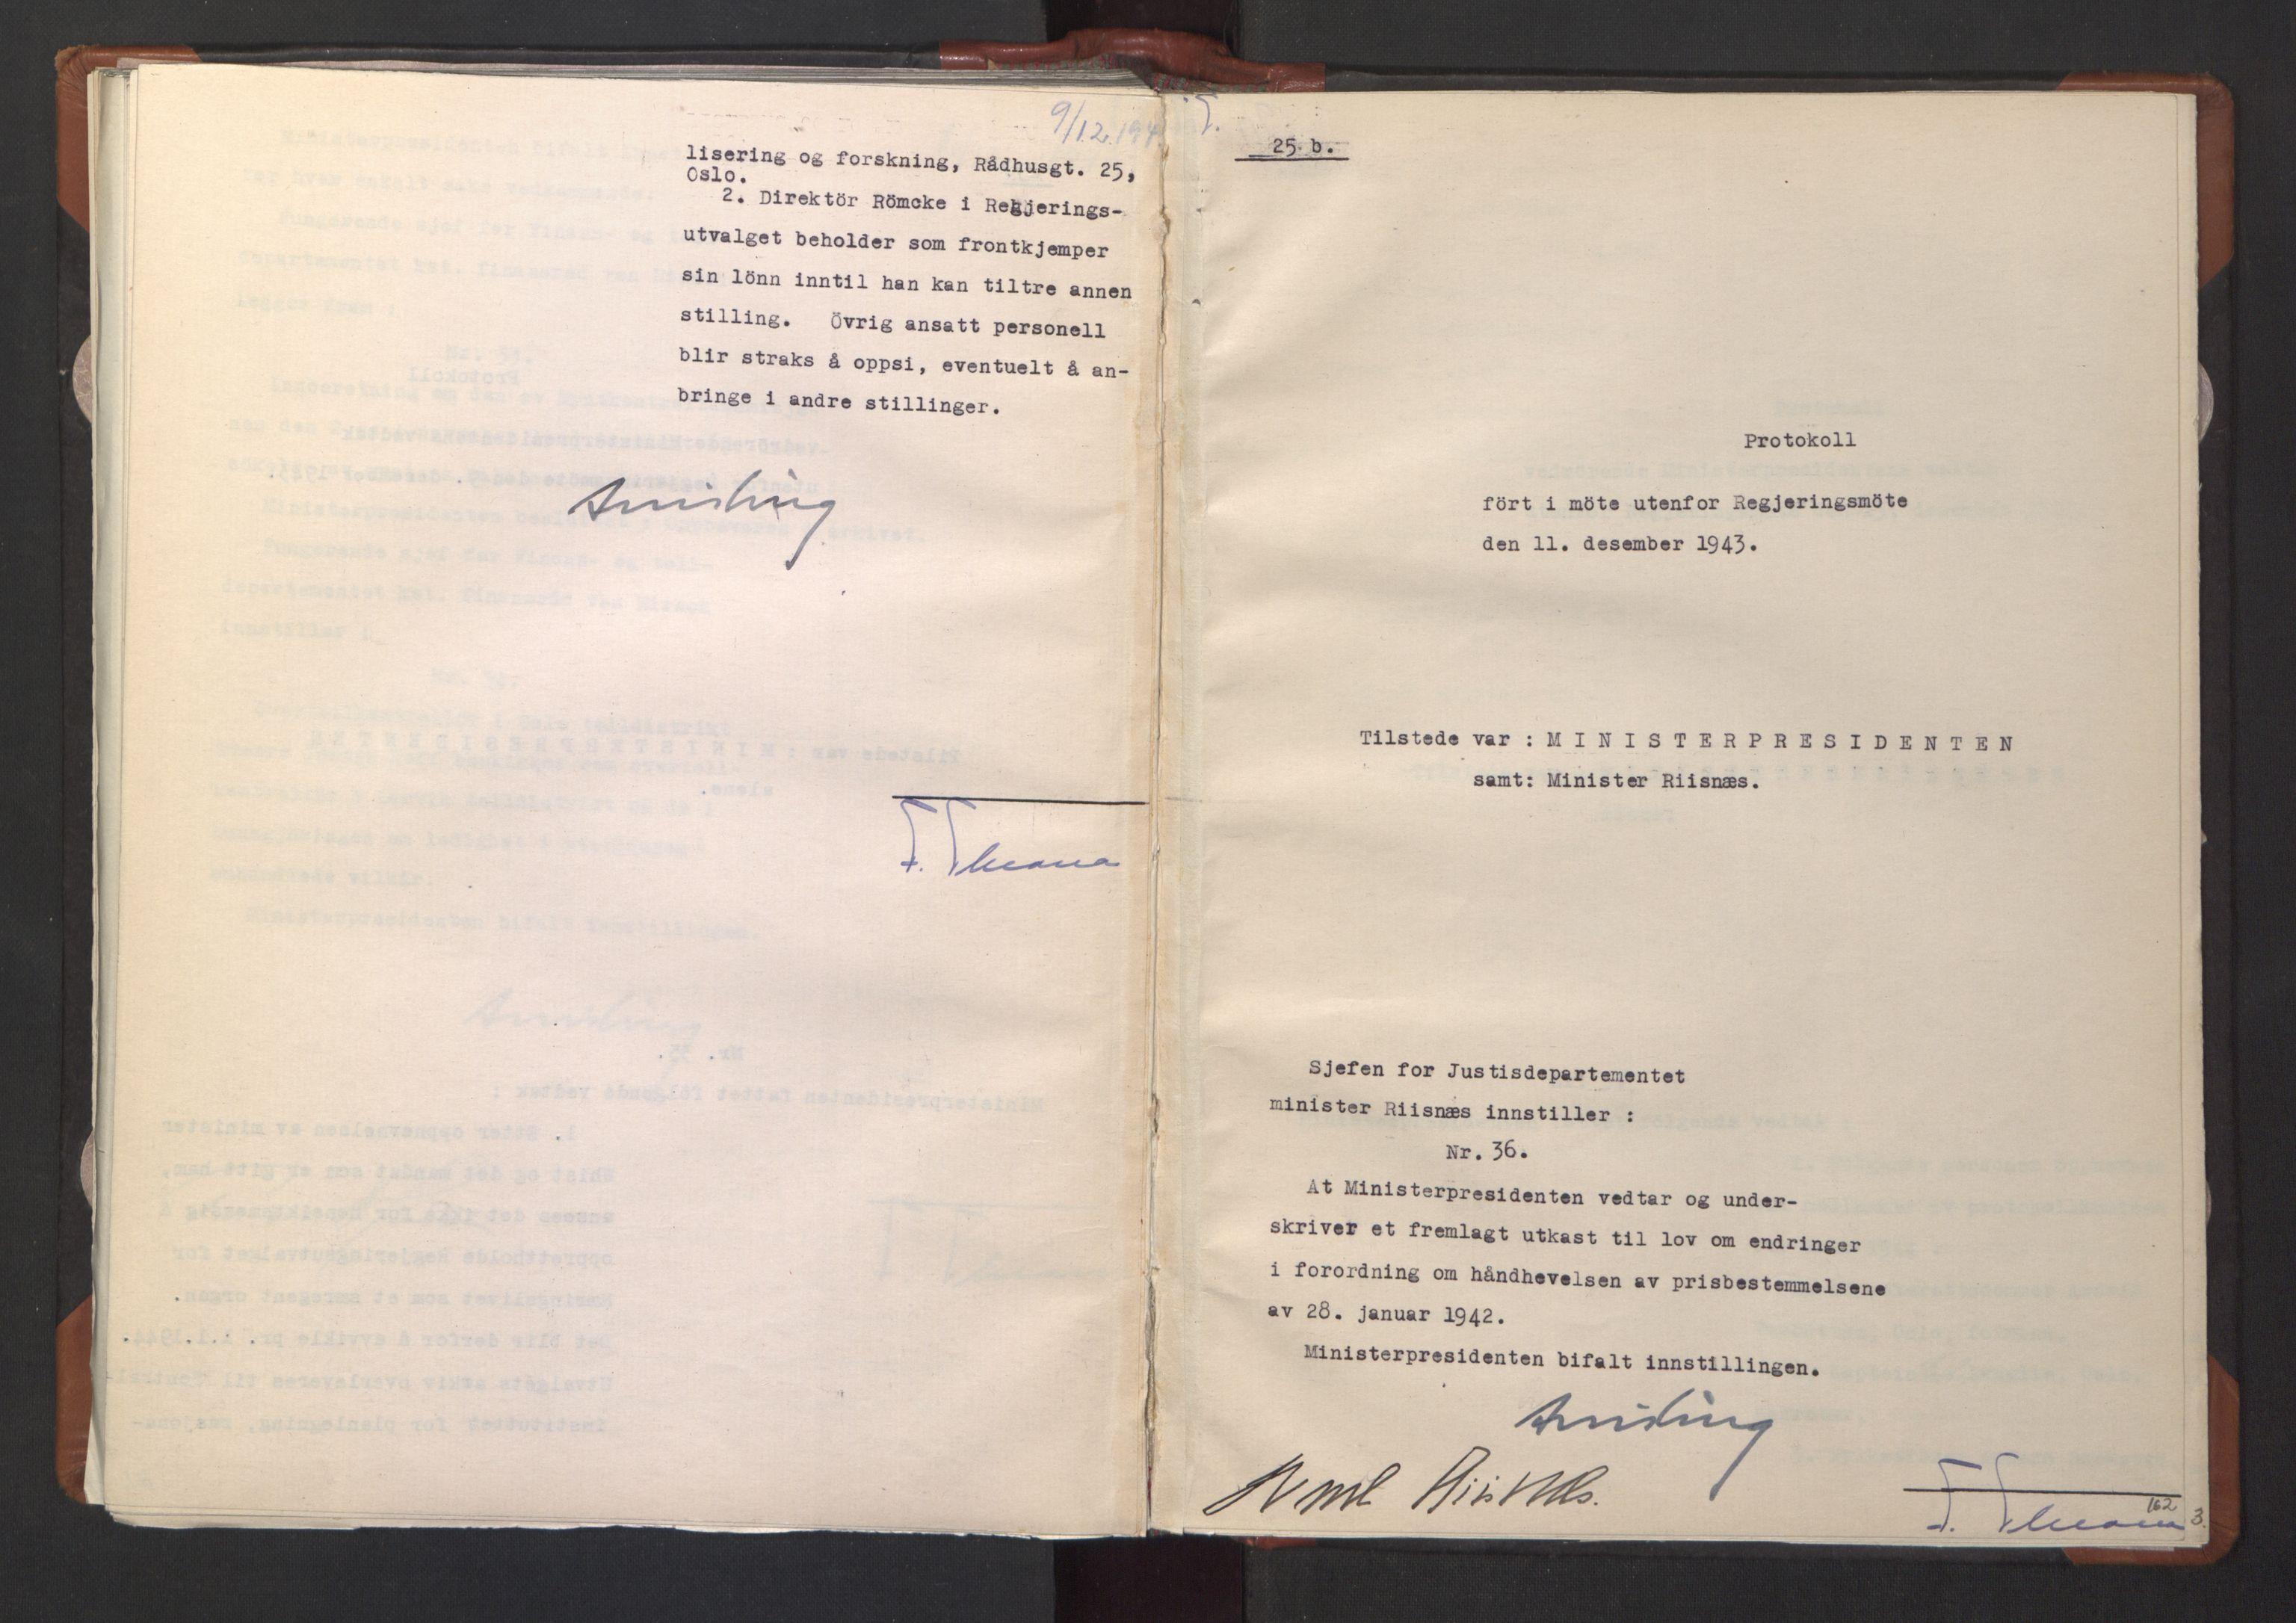 RA, NS-administrasjonen 1940-1945 (Statsrådsekretariatet, de kommisariske statsråder mm), D/Da/L0003: Vedtak (Beslutninger) nr. 1-746 og tillegg nr. 1-47 (RA. j.nr. 1394/1944, tilgangsnr. 8/1944, 1943, s. 161b-162a